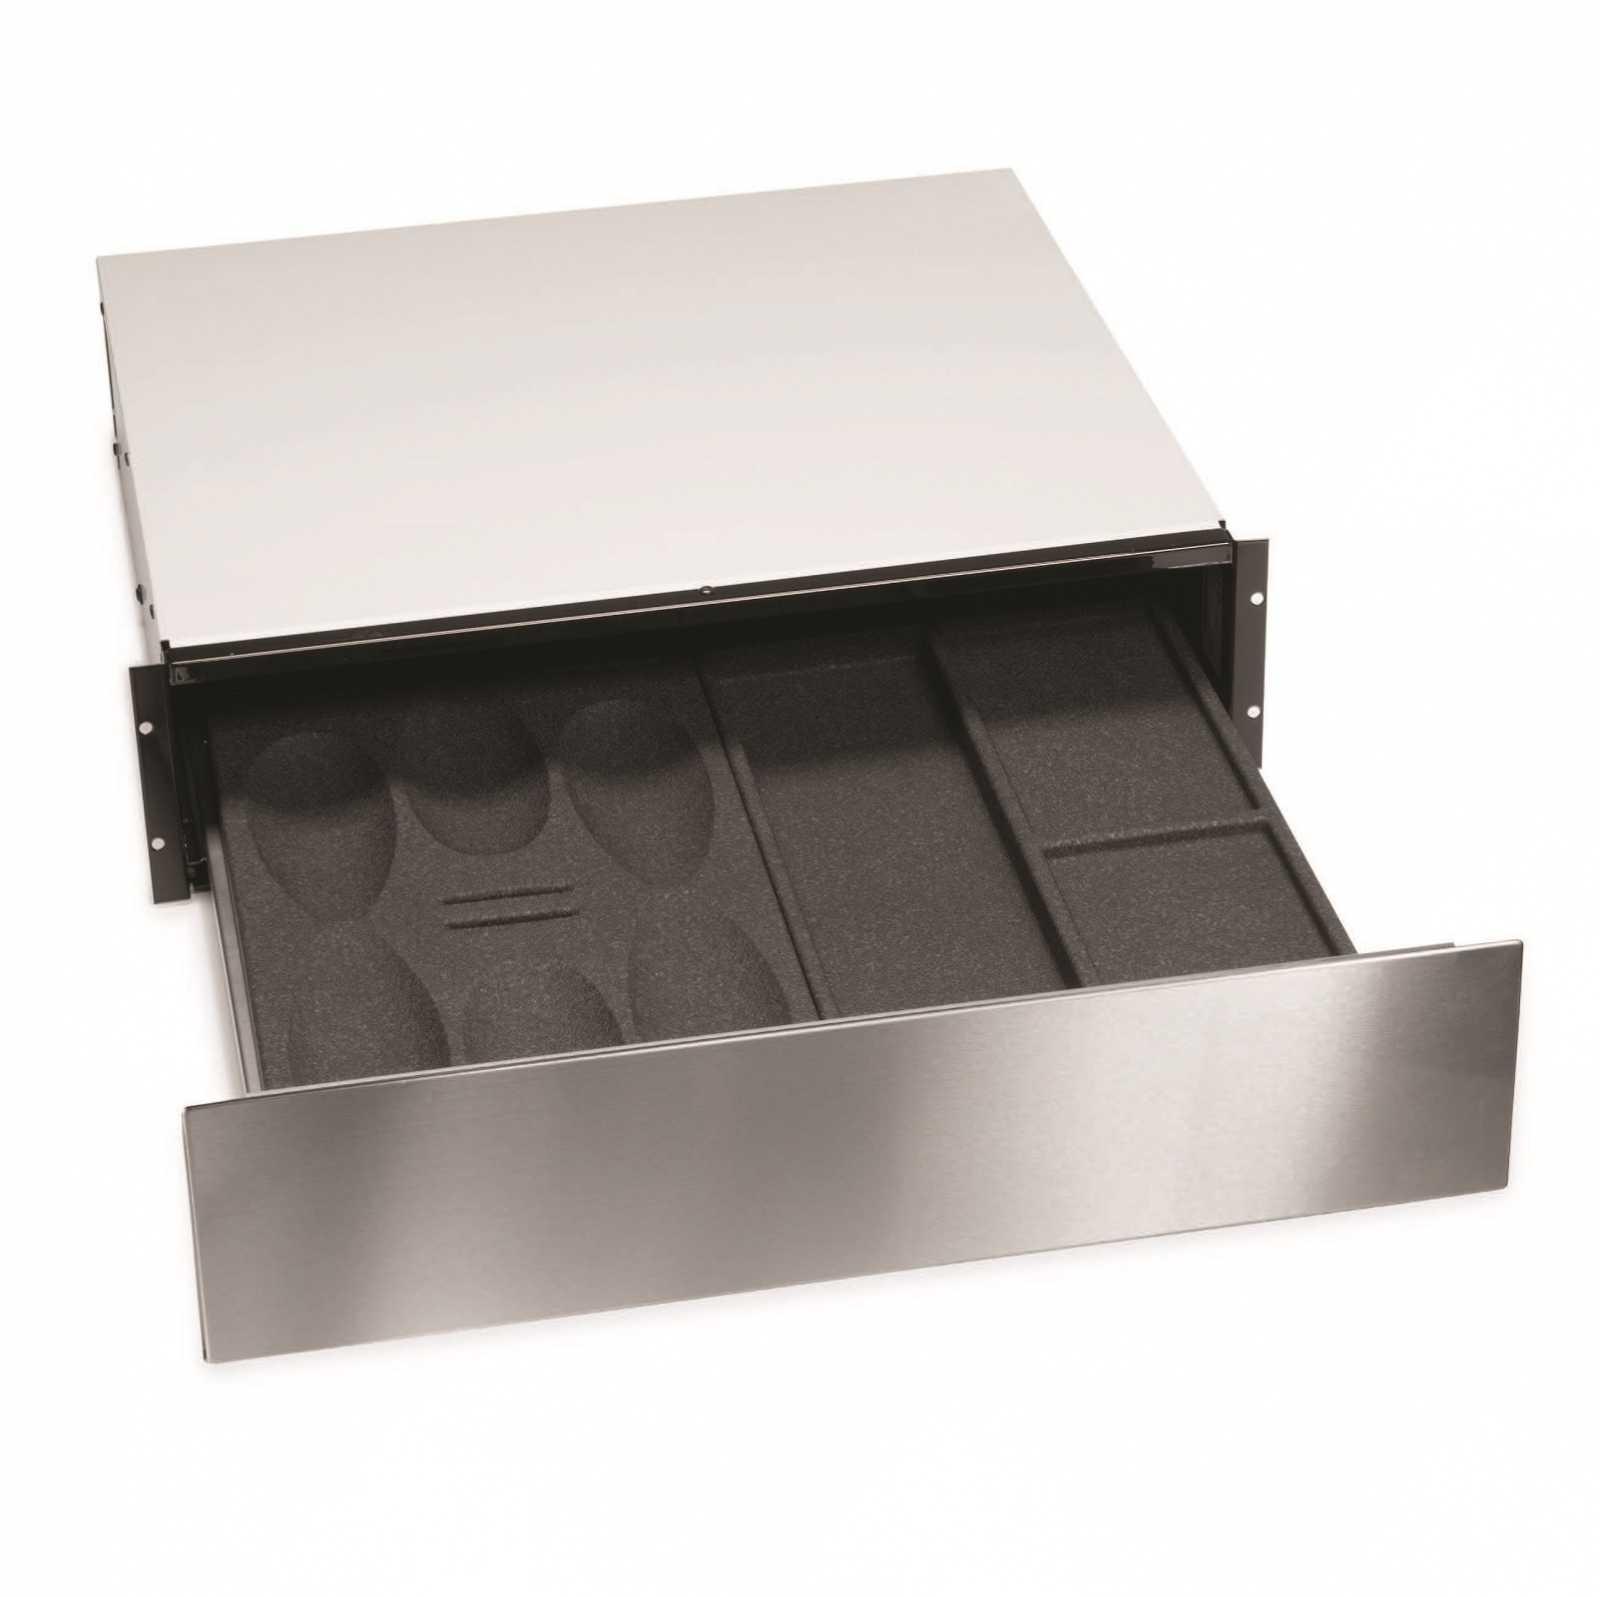 Ящик для аксессуаров ES 15' купить украина